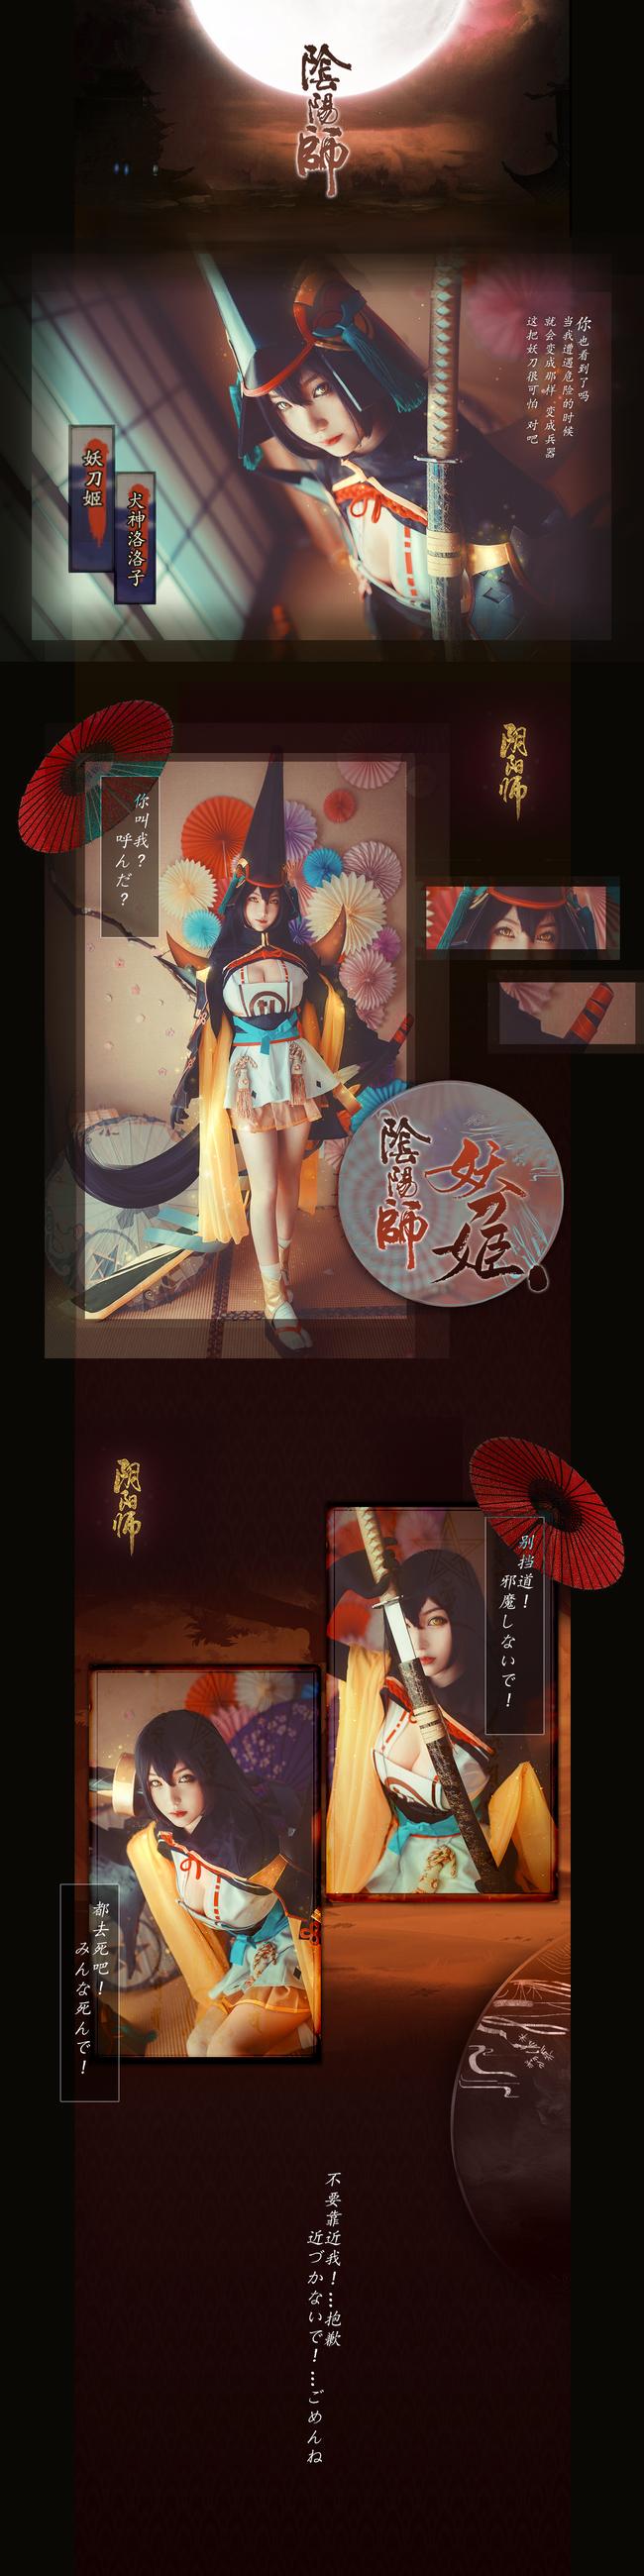 阴阳师,妖刀姬,cosplay,ssr